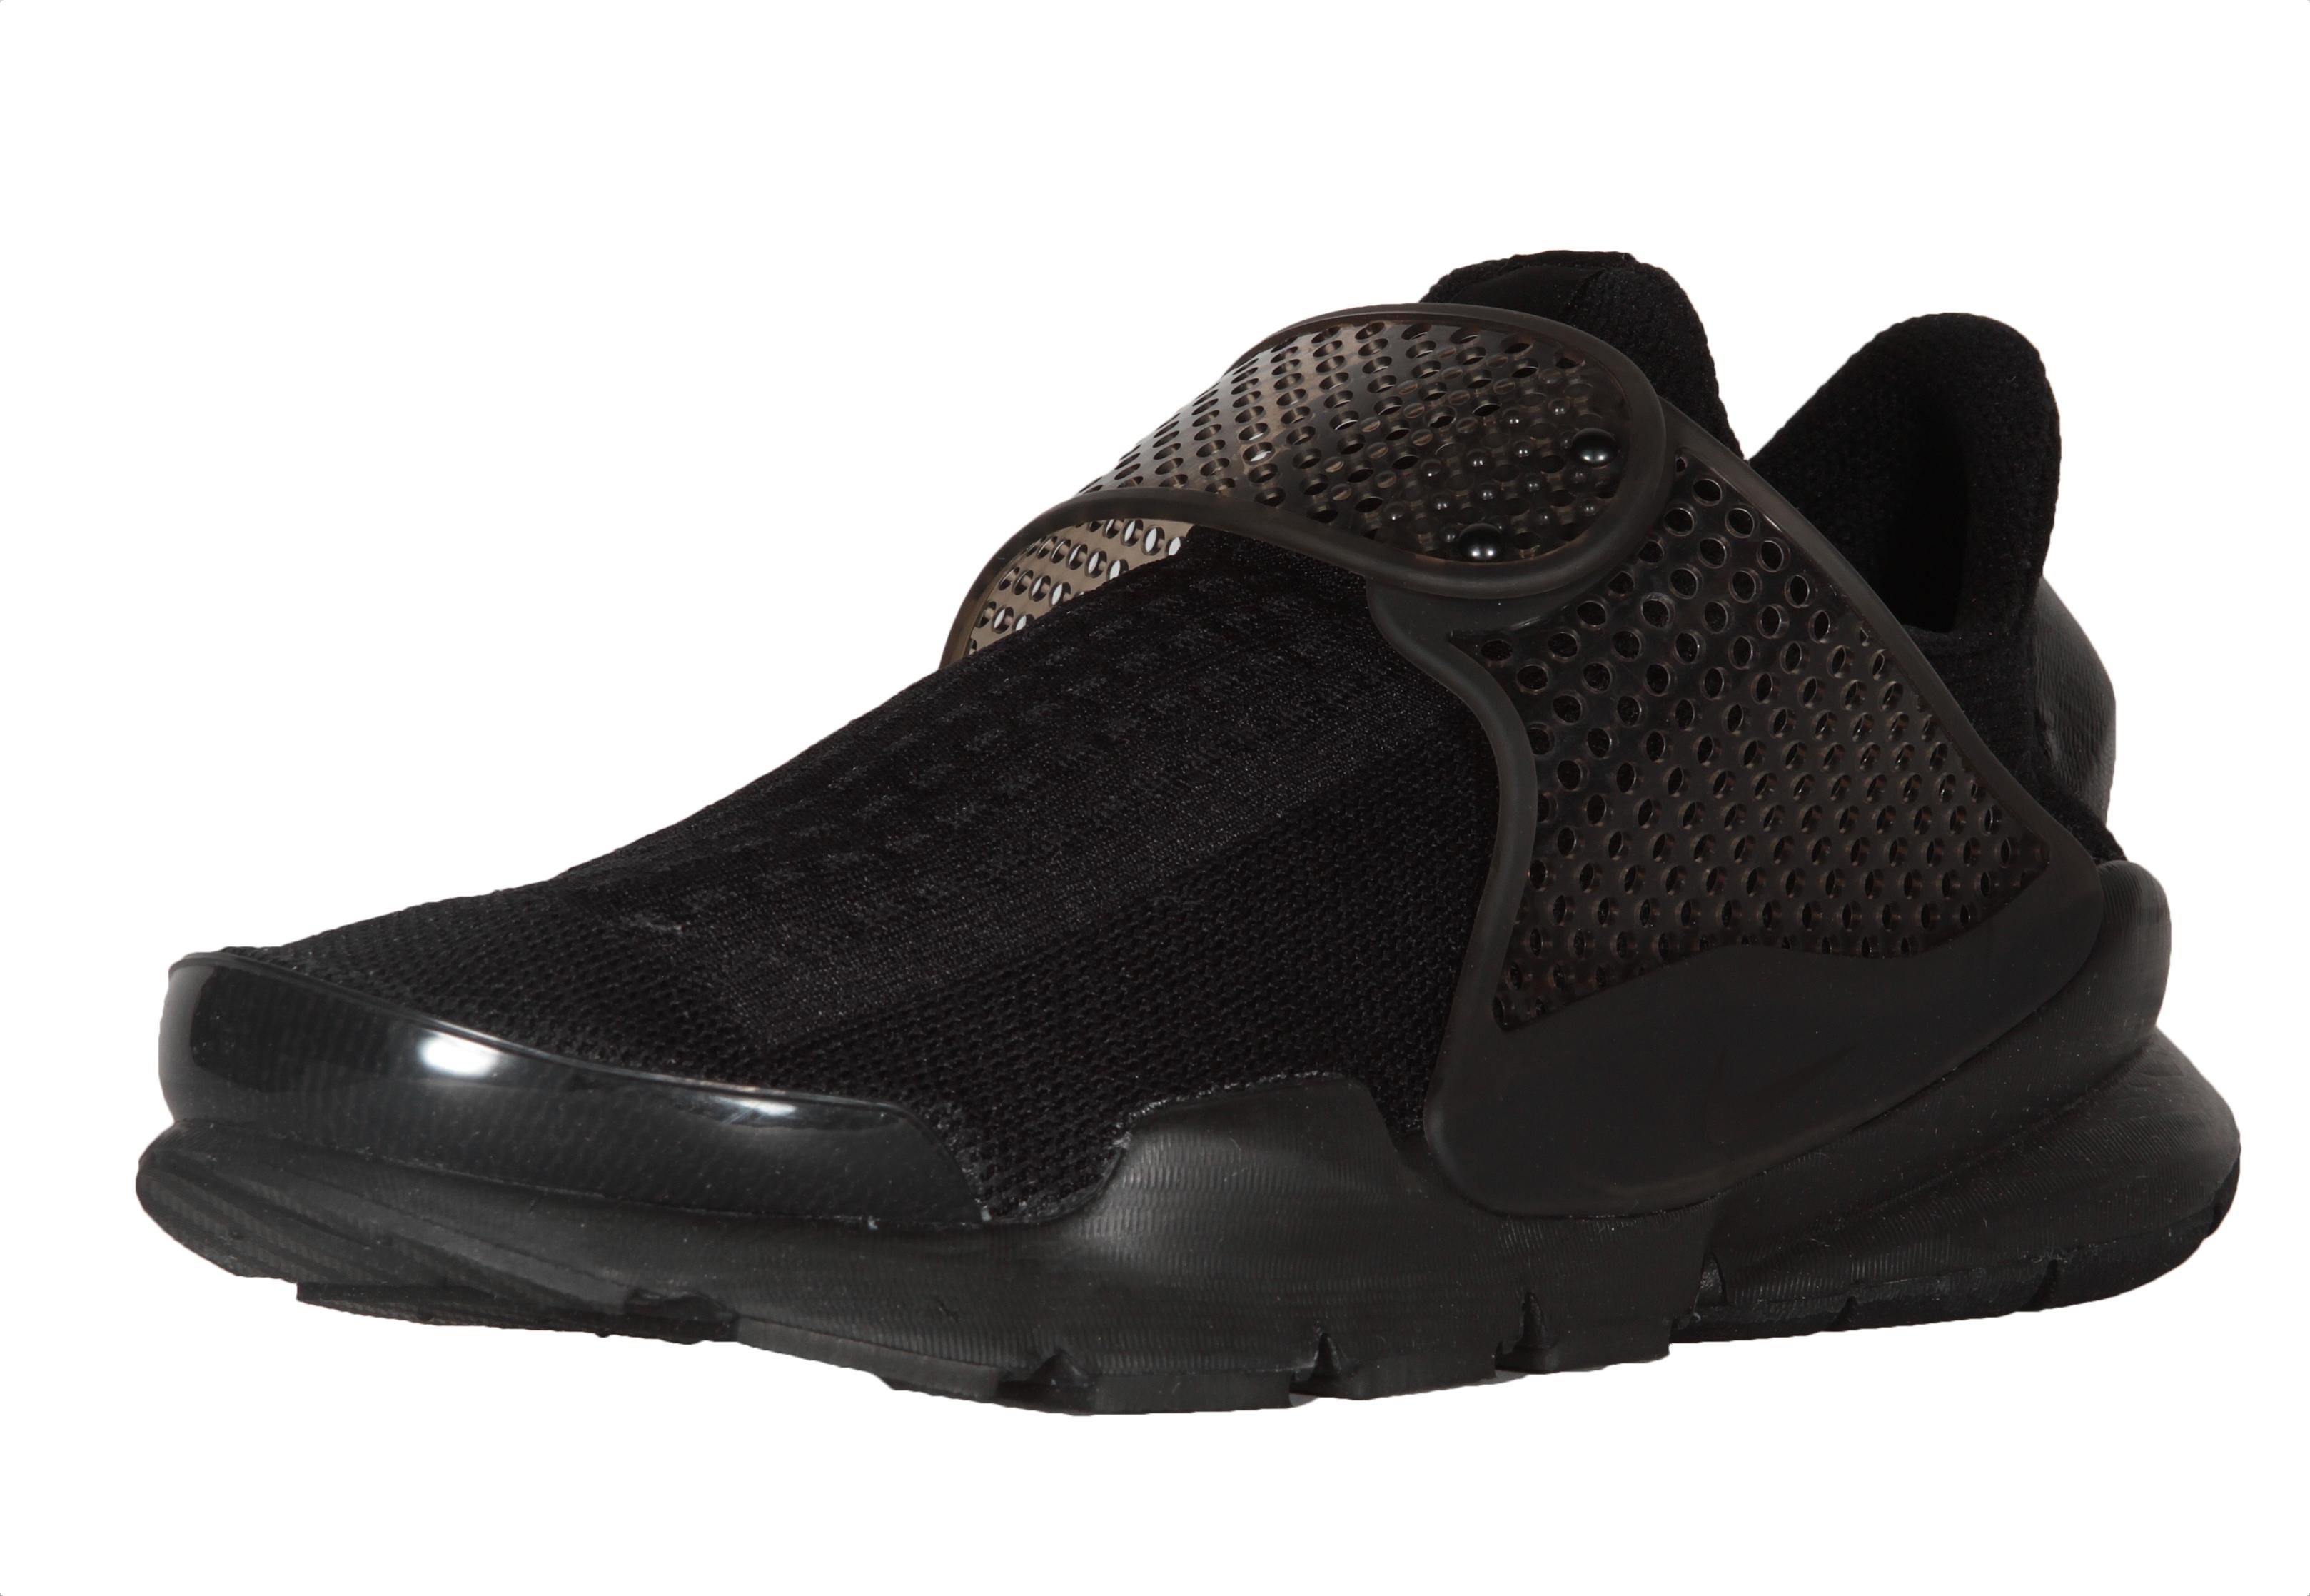 Nike Sock Dart Women's Running Shoes 848475-003